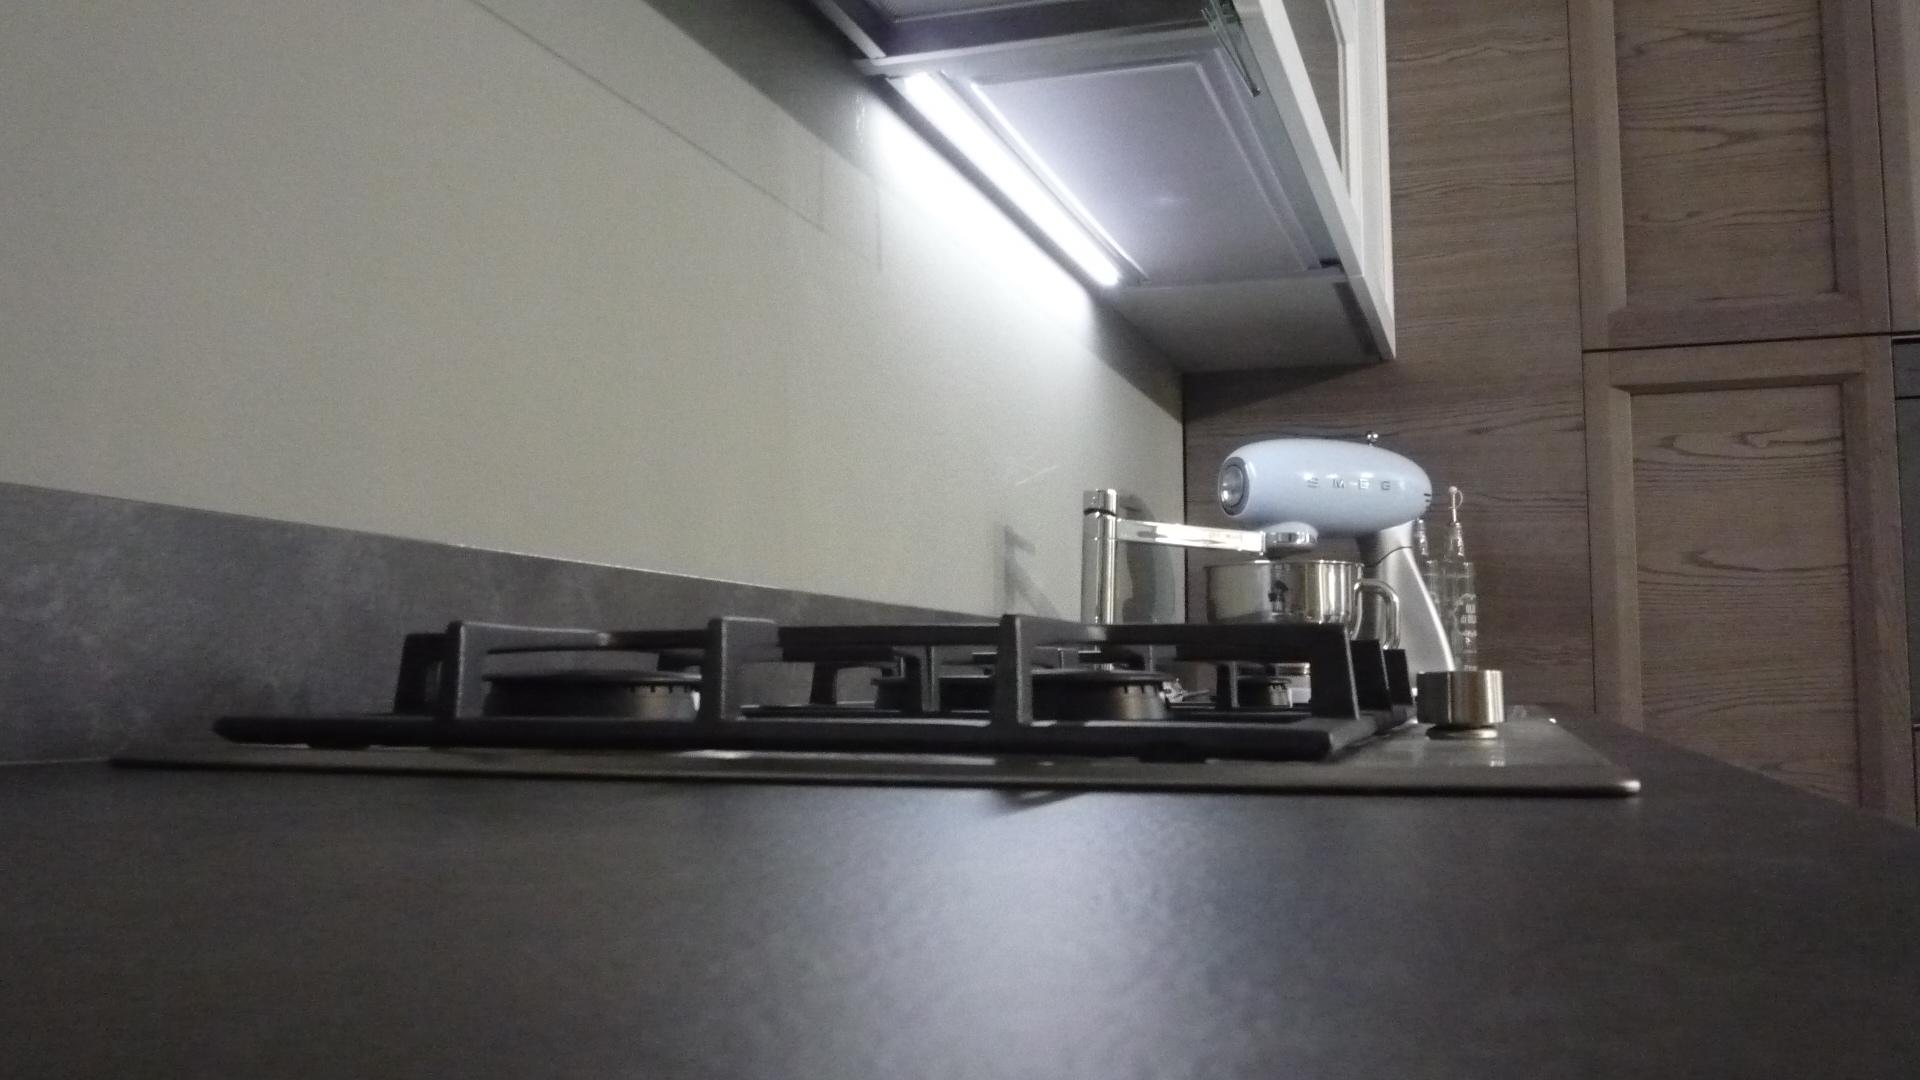 Cucina ad angolo Febal modello Class scontata del 63 % - Cucine a prezzi scontati